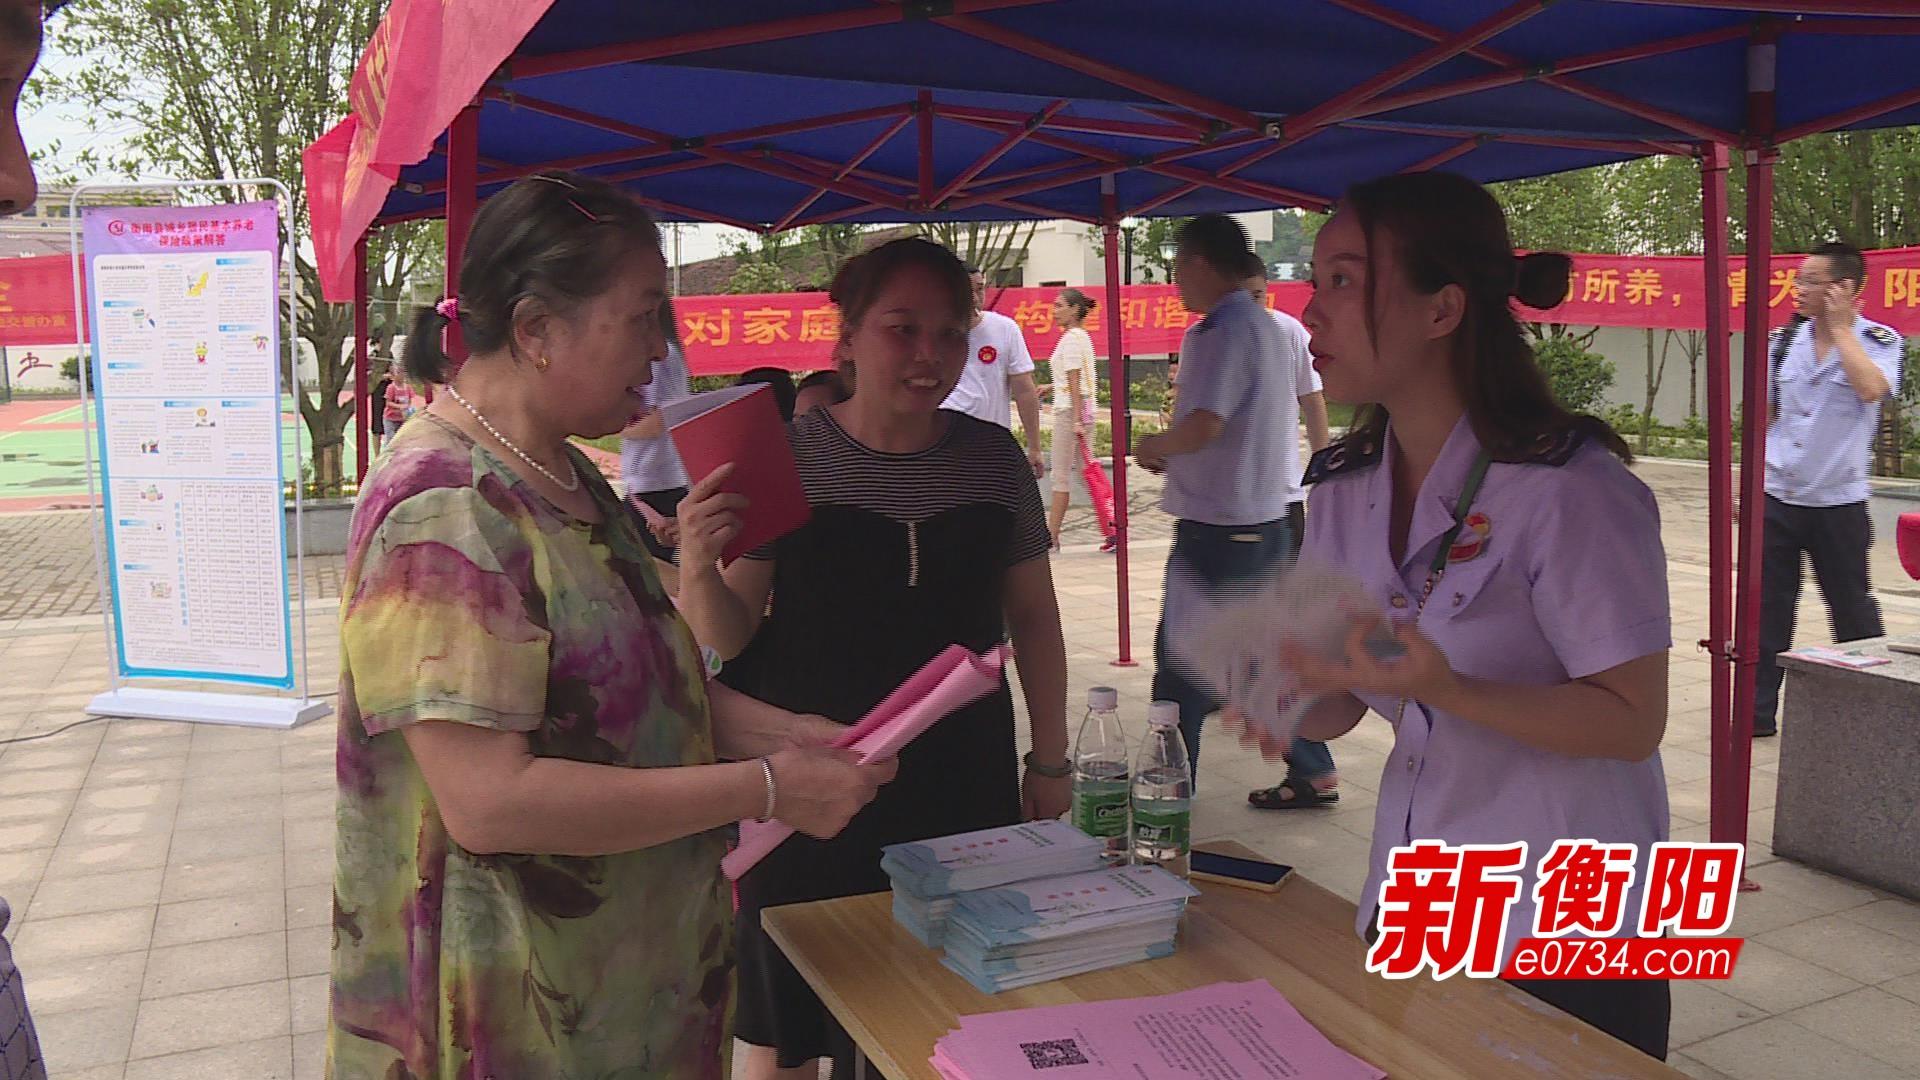 衡南县向阳桥街道开展综治、禁毒、安全生产等宣传教育活动